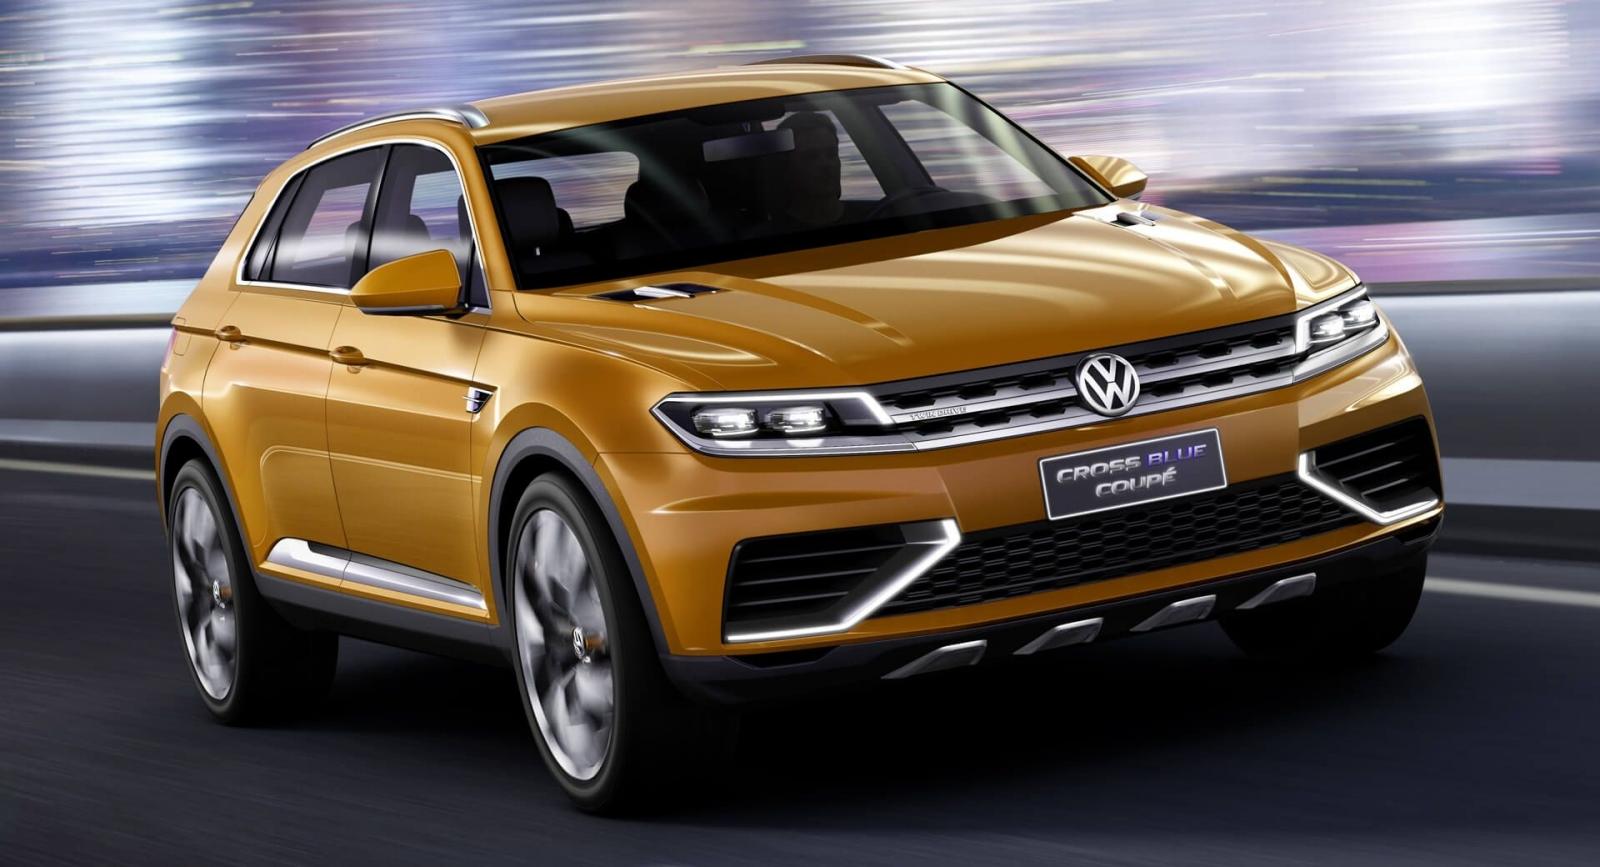 شرکت فولکس Tiguan Coupe را سال آینده عرضه می کند